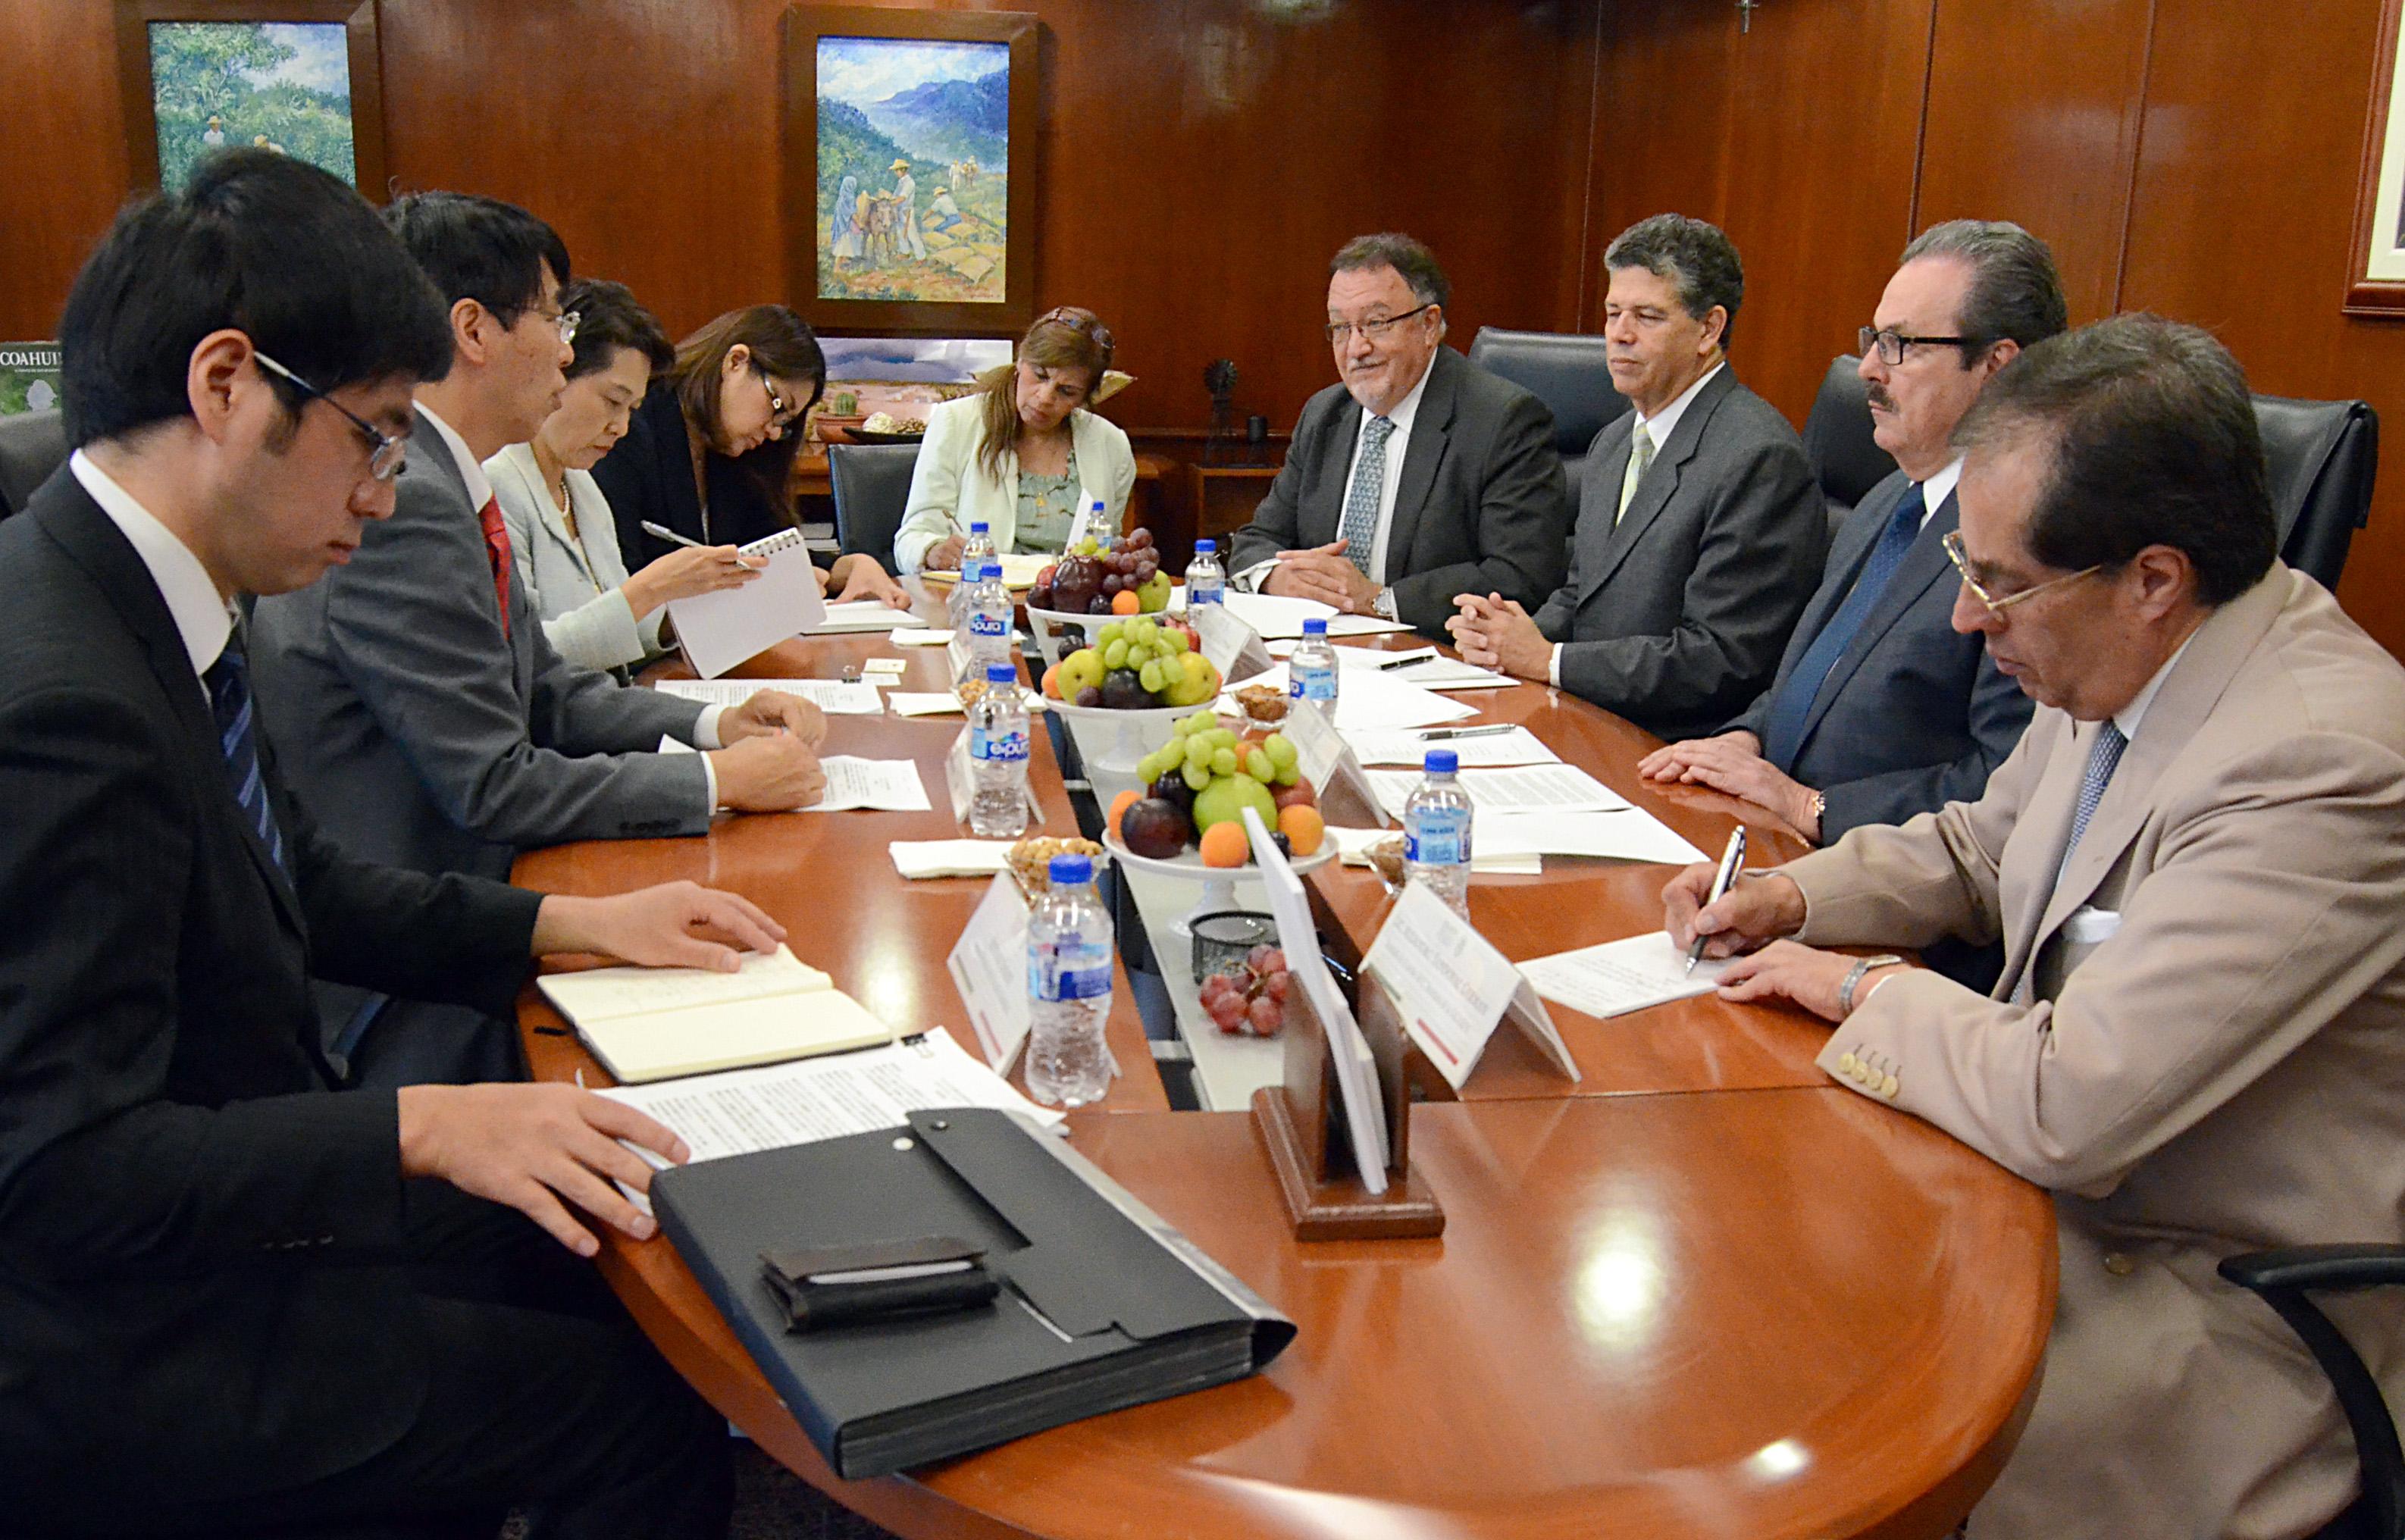 Coincidieron en que el intenso intercambio comercial de alimentos impone la necesidad de que México y Japón establezcan una relación más profunda y estrecha.